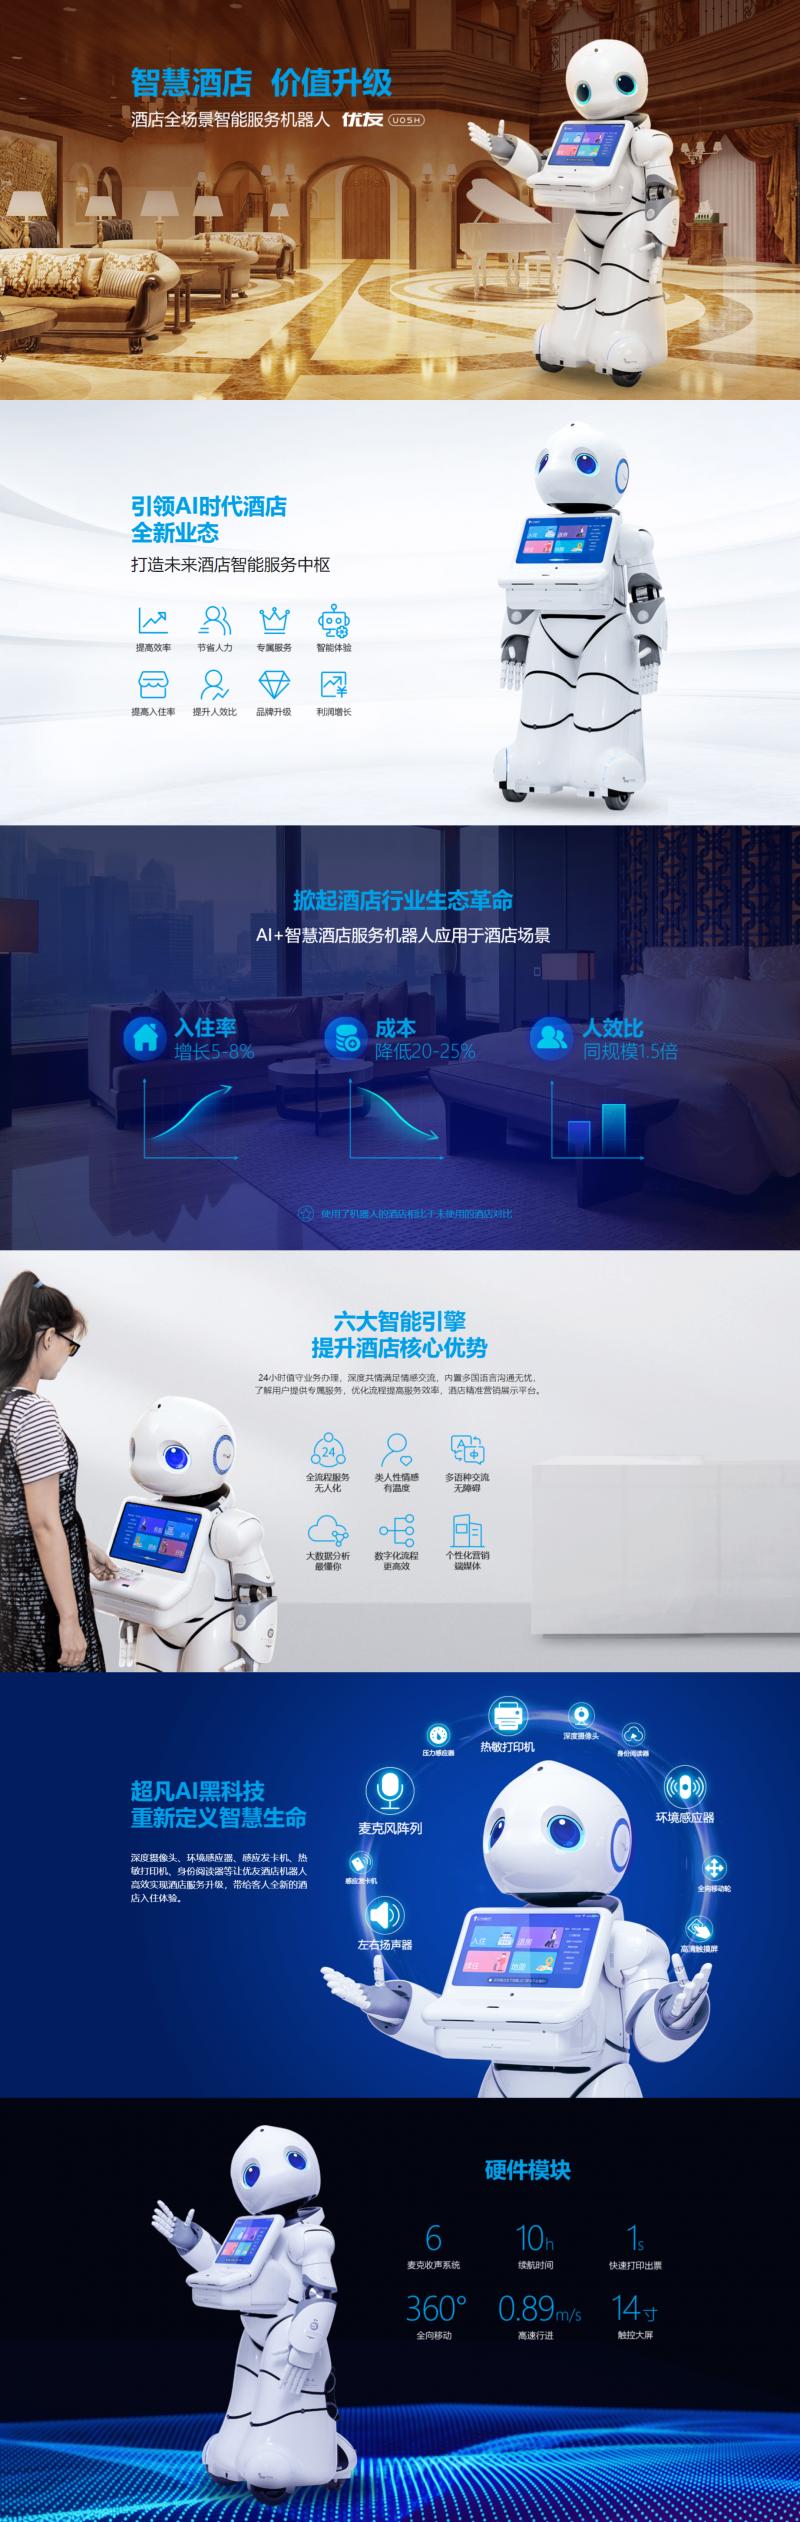 康力优蓝酒店机器人